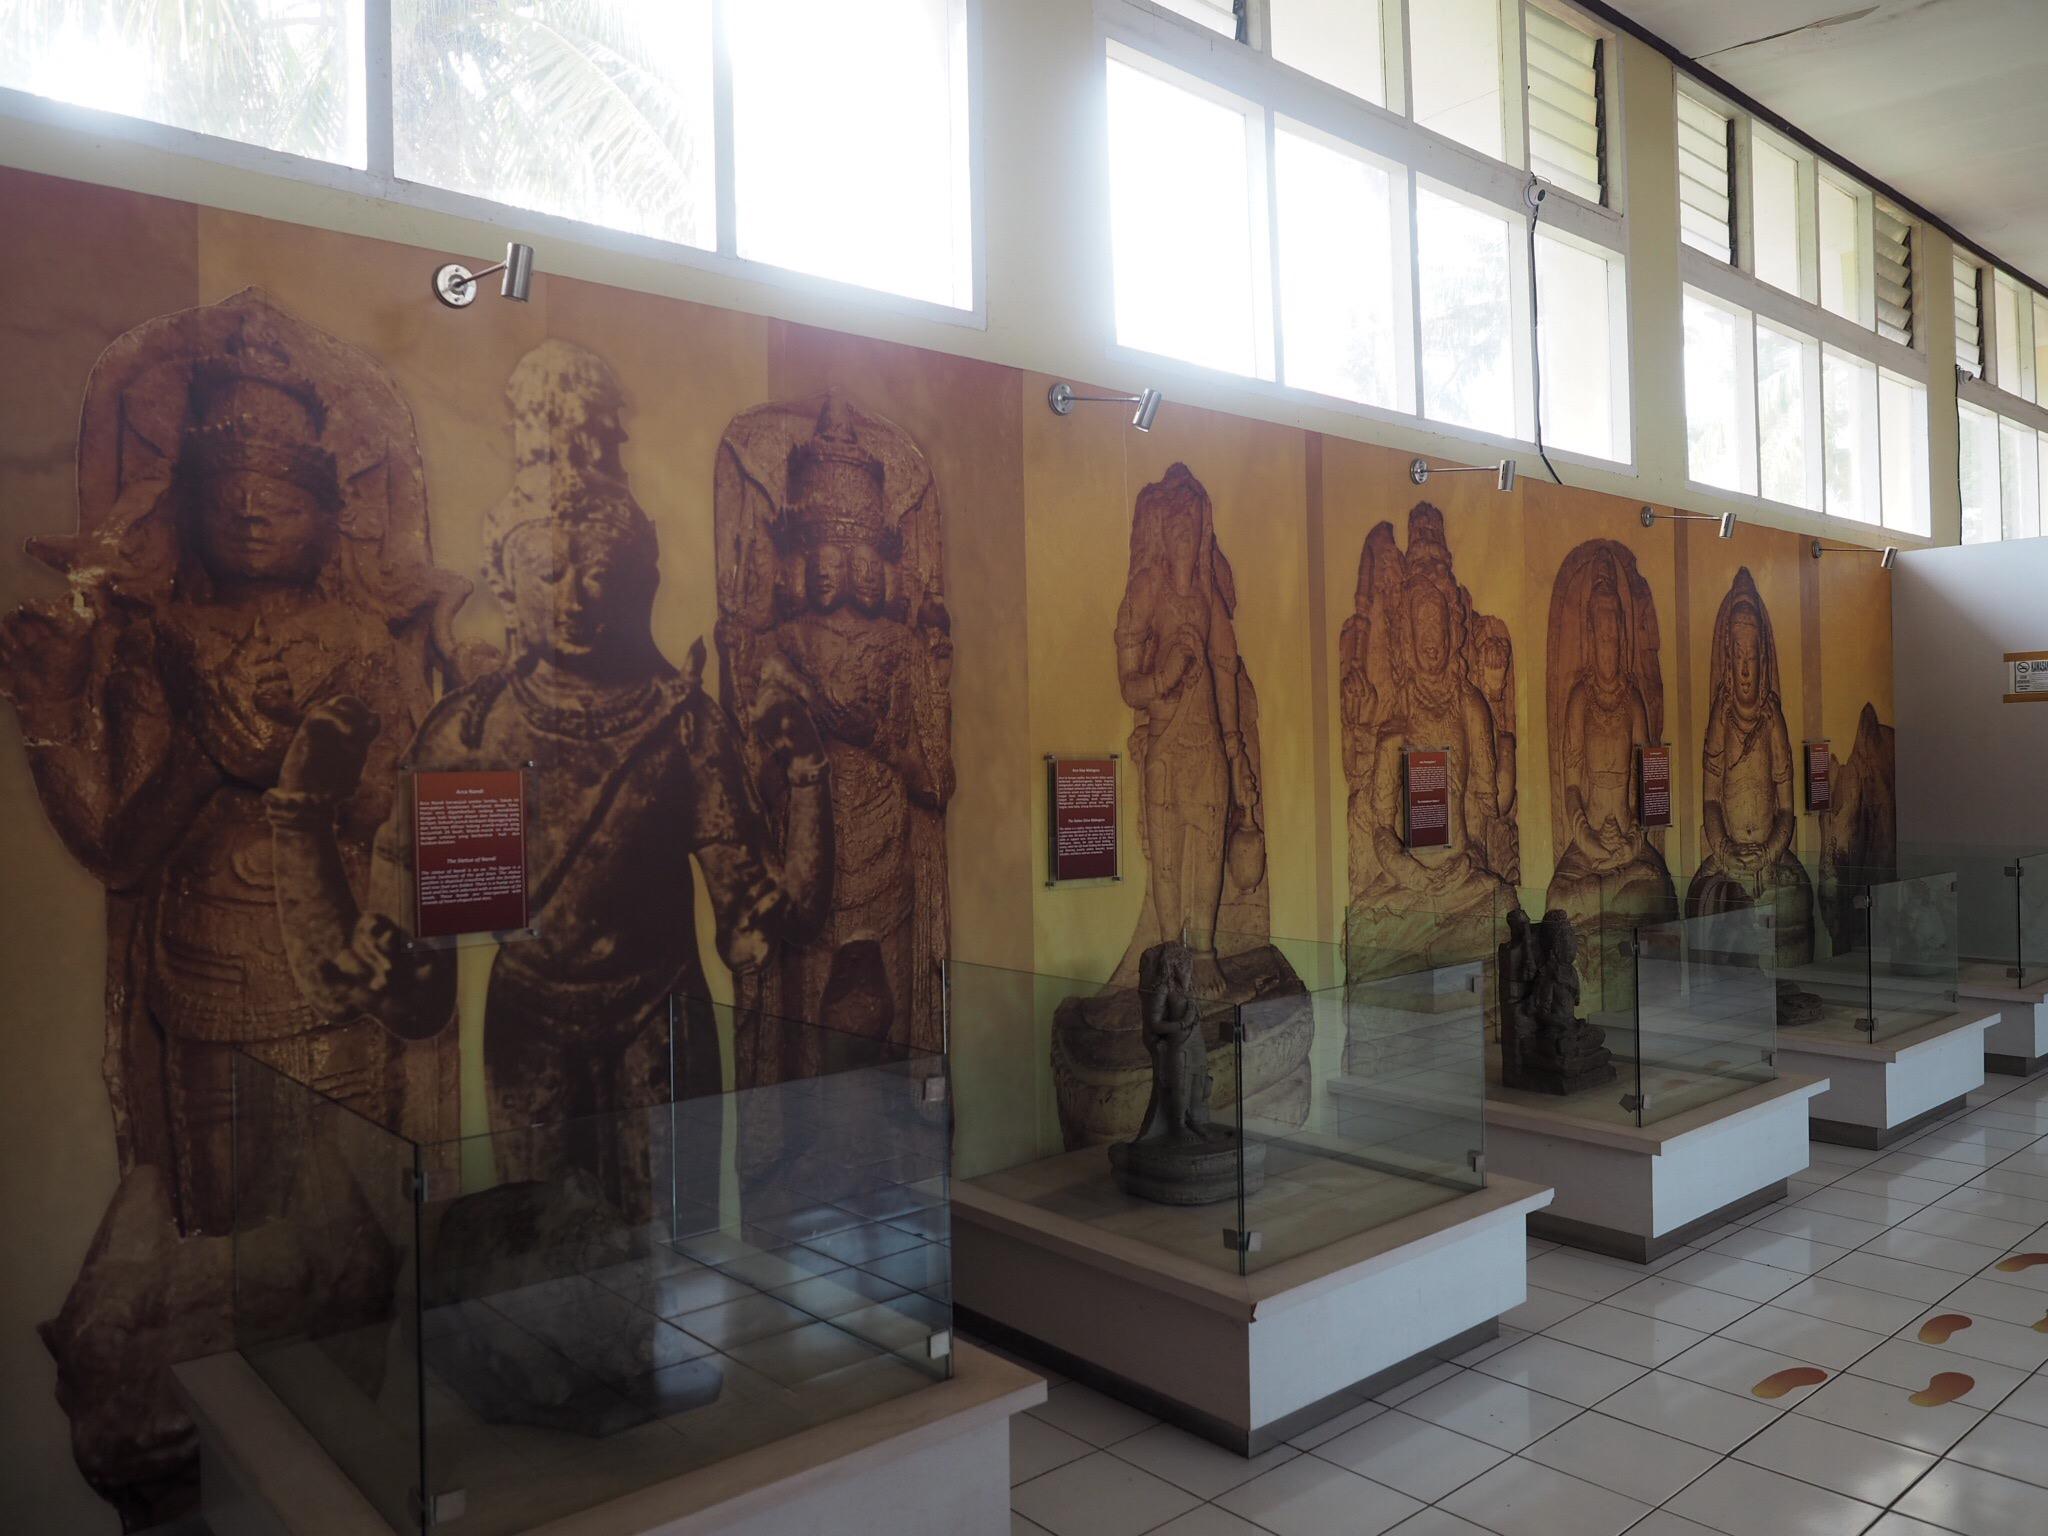 Img 4008 Jpg Setelah Puas Mengunjungi Museum Negeri Balaputra Dewa